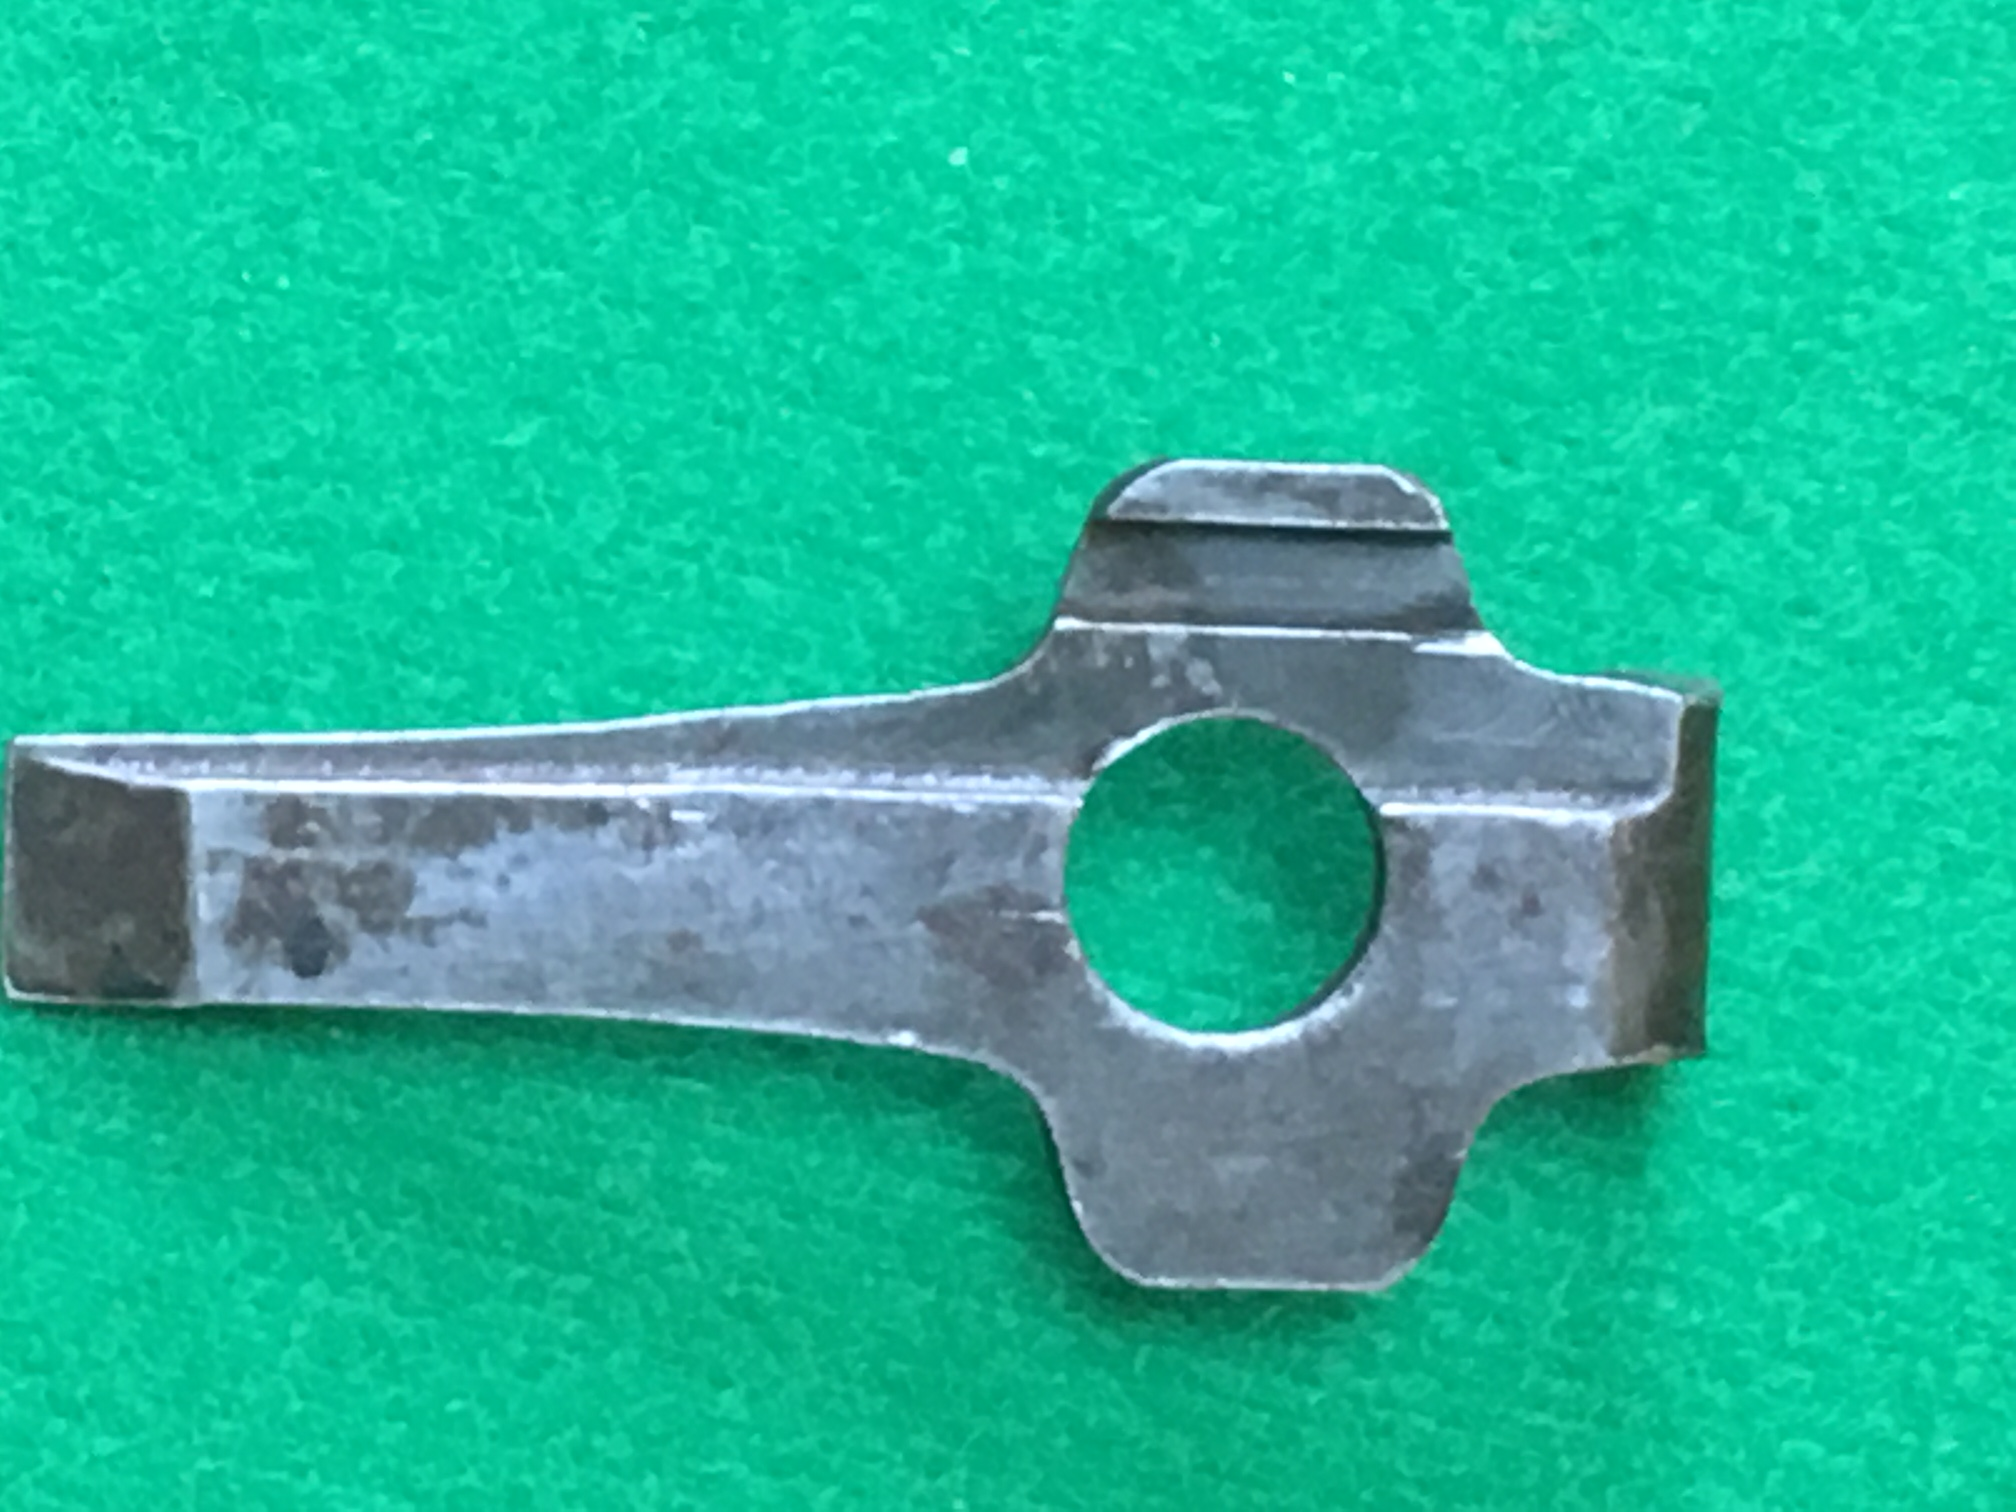 Les petits outils pour les P 08 de l'armée allemande de 1934 à 1942. - Page 2 180314121150136292